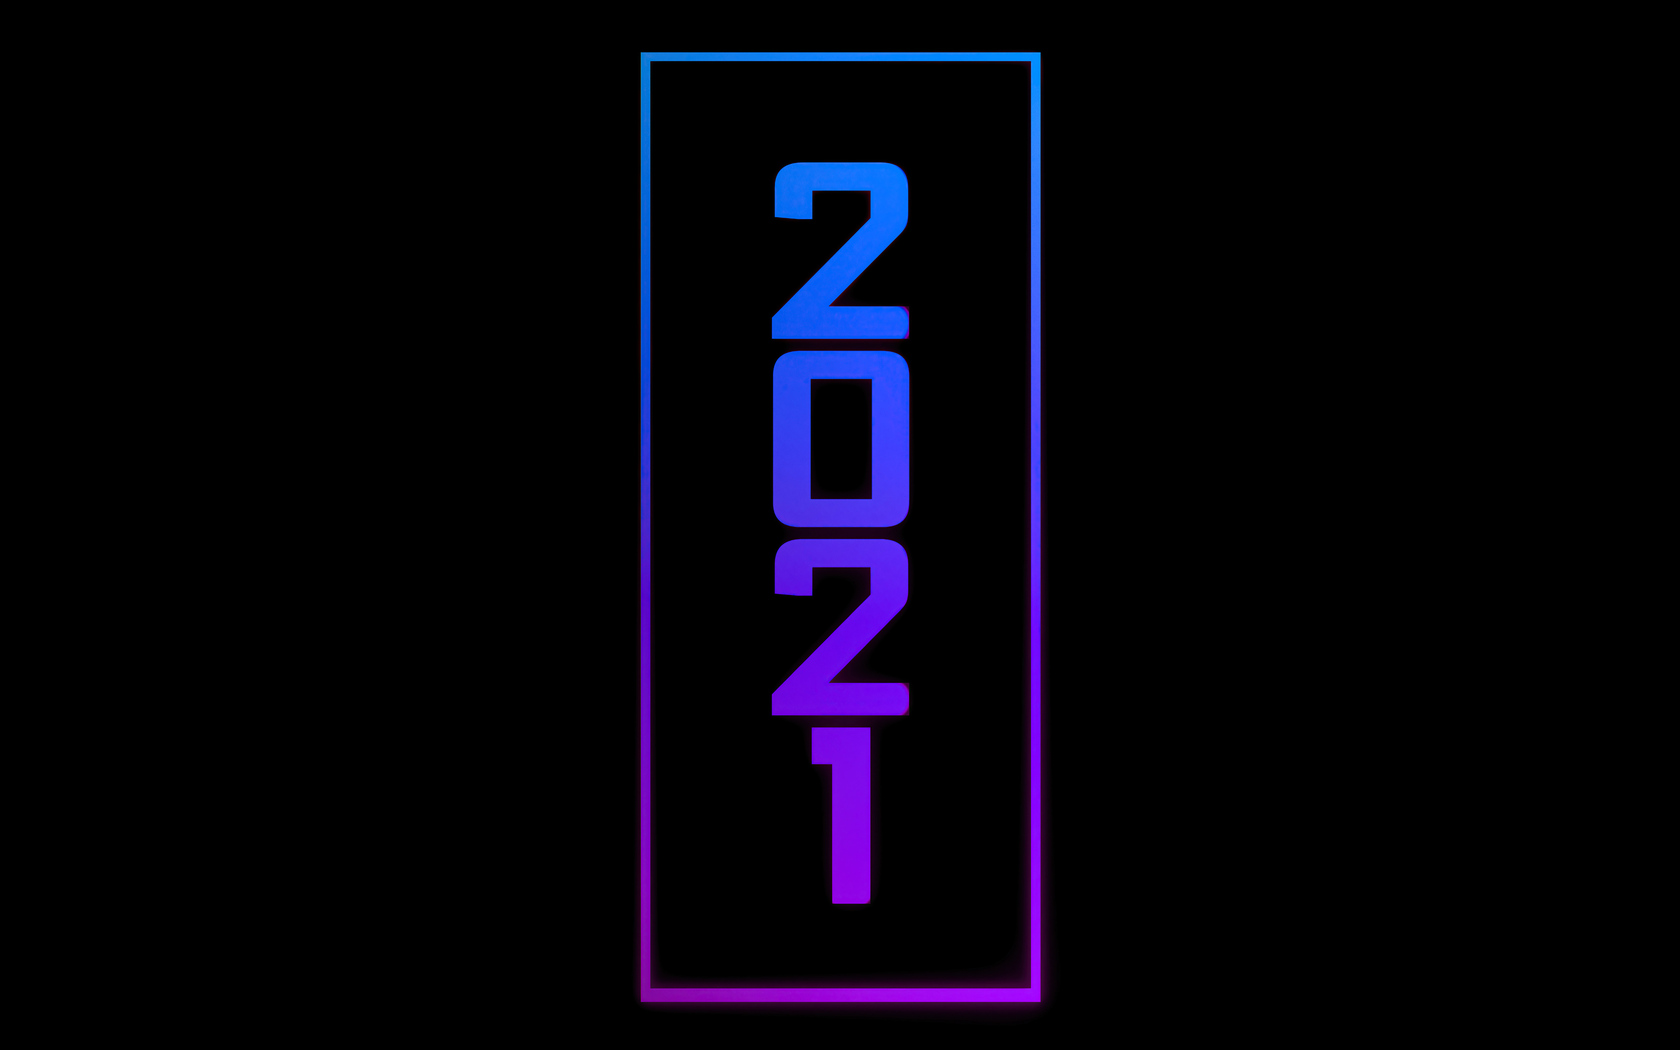 2021-typography-4k-13.jpg